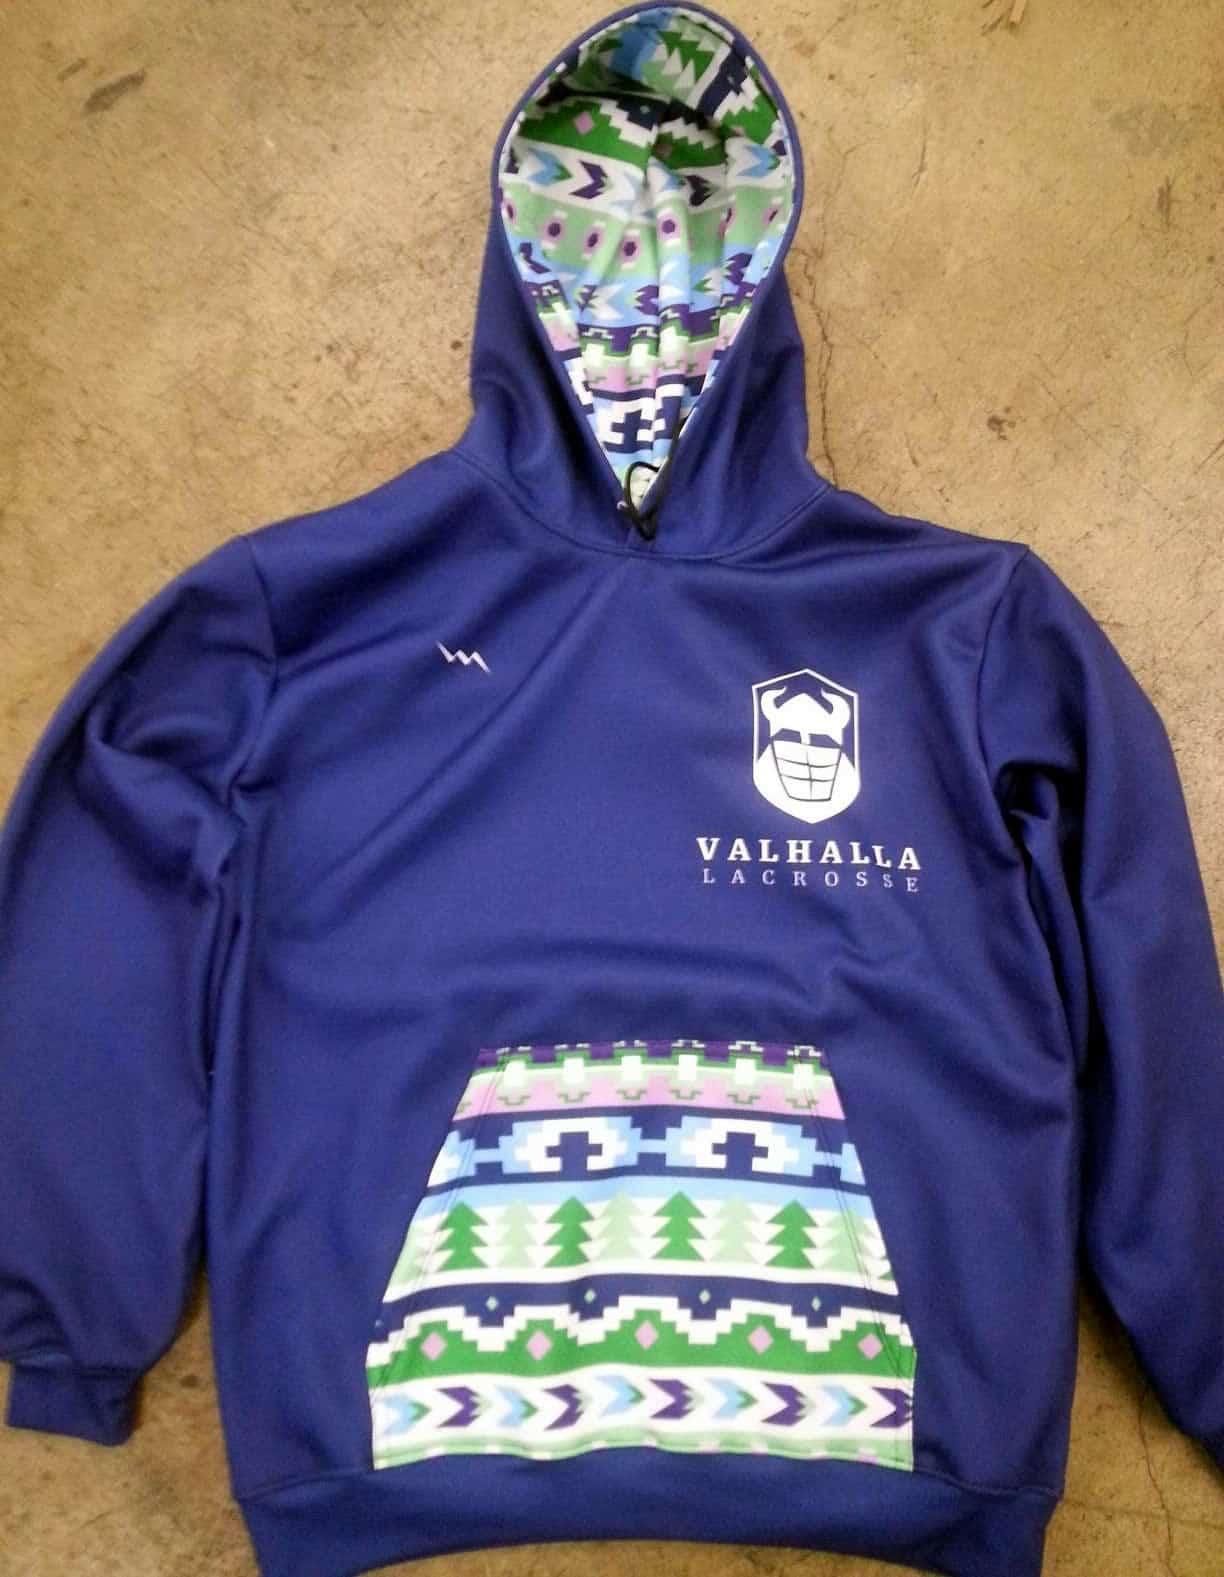 06ab46715 Personalized Hooded Sweatshirts - Custom Lacrosse Hoodie